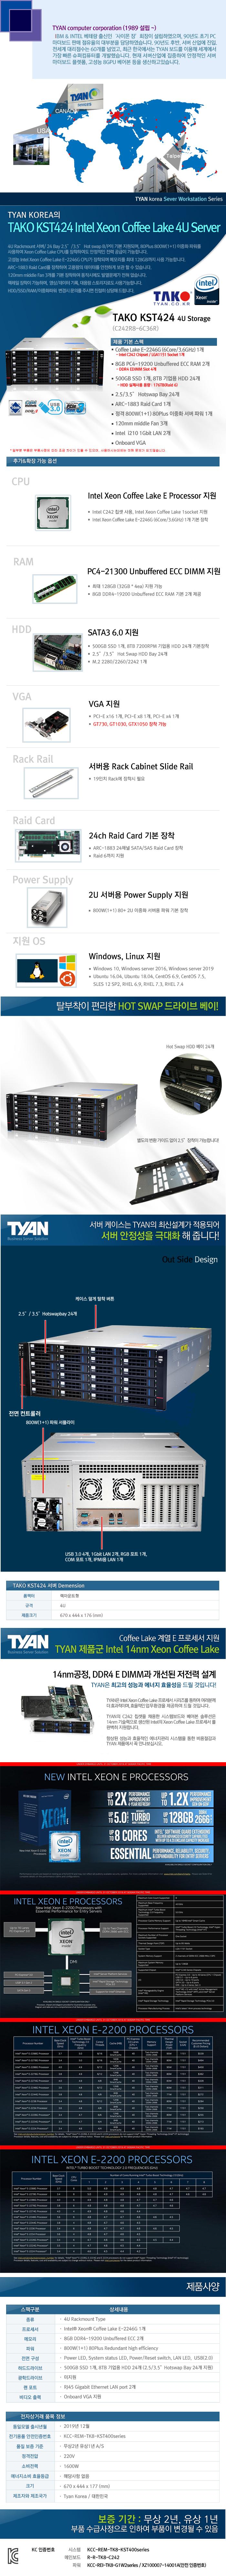 TYAN TAKO-KST424-(C242R8-6C36R) (16GB, SSD 500GB + 176TB)